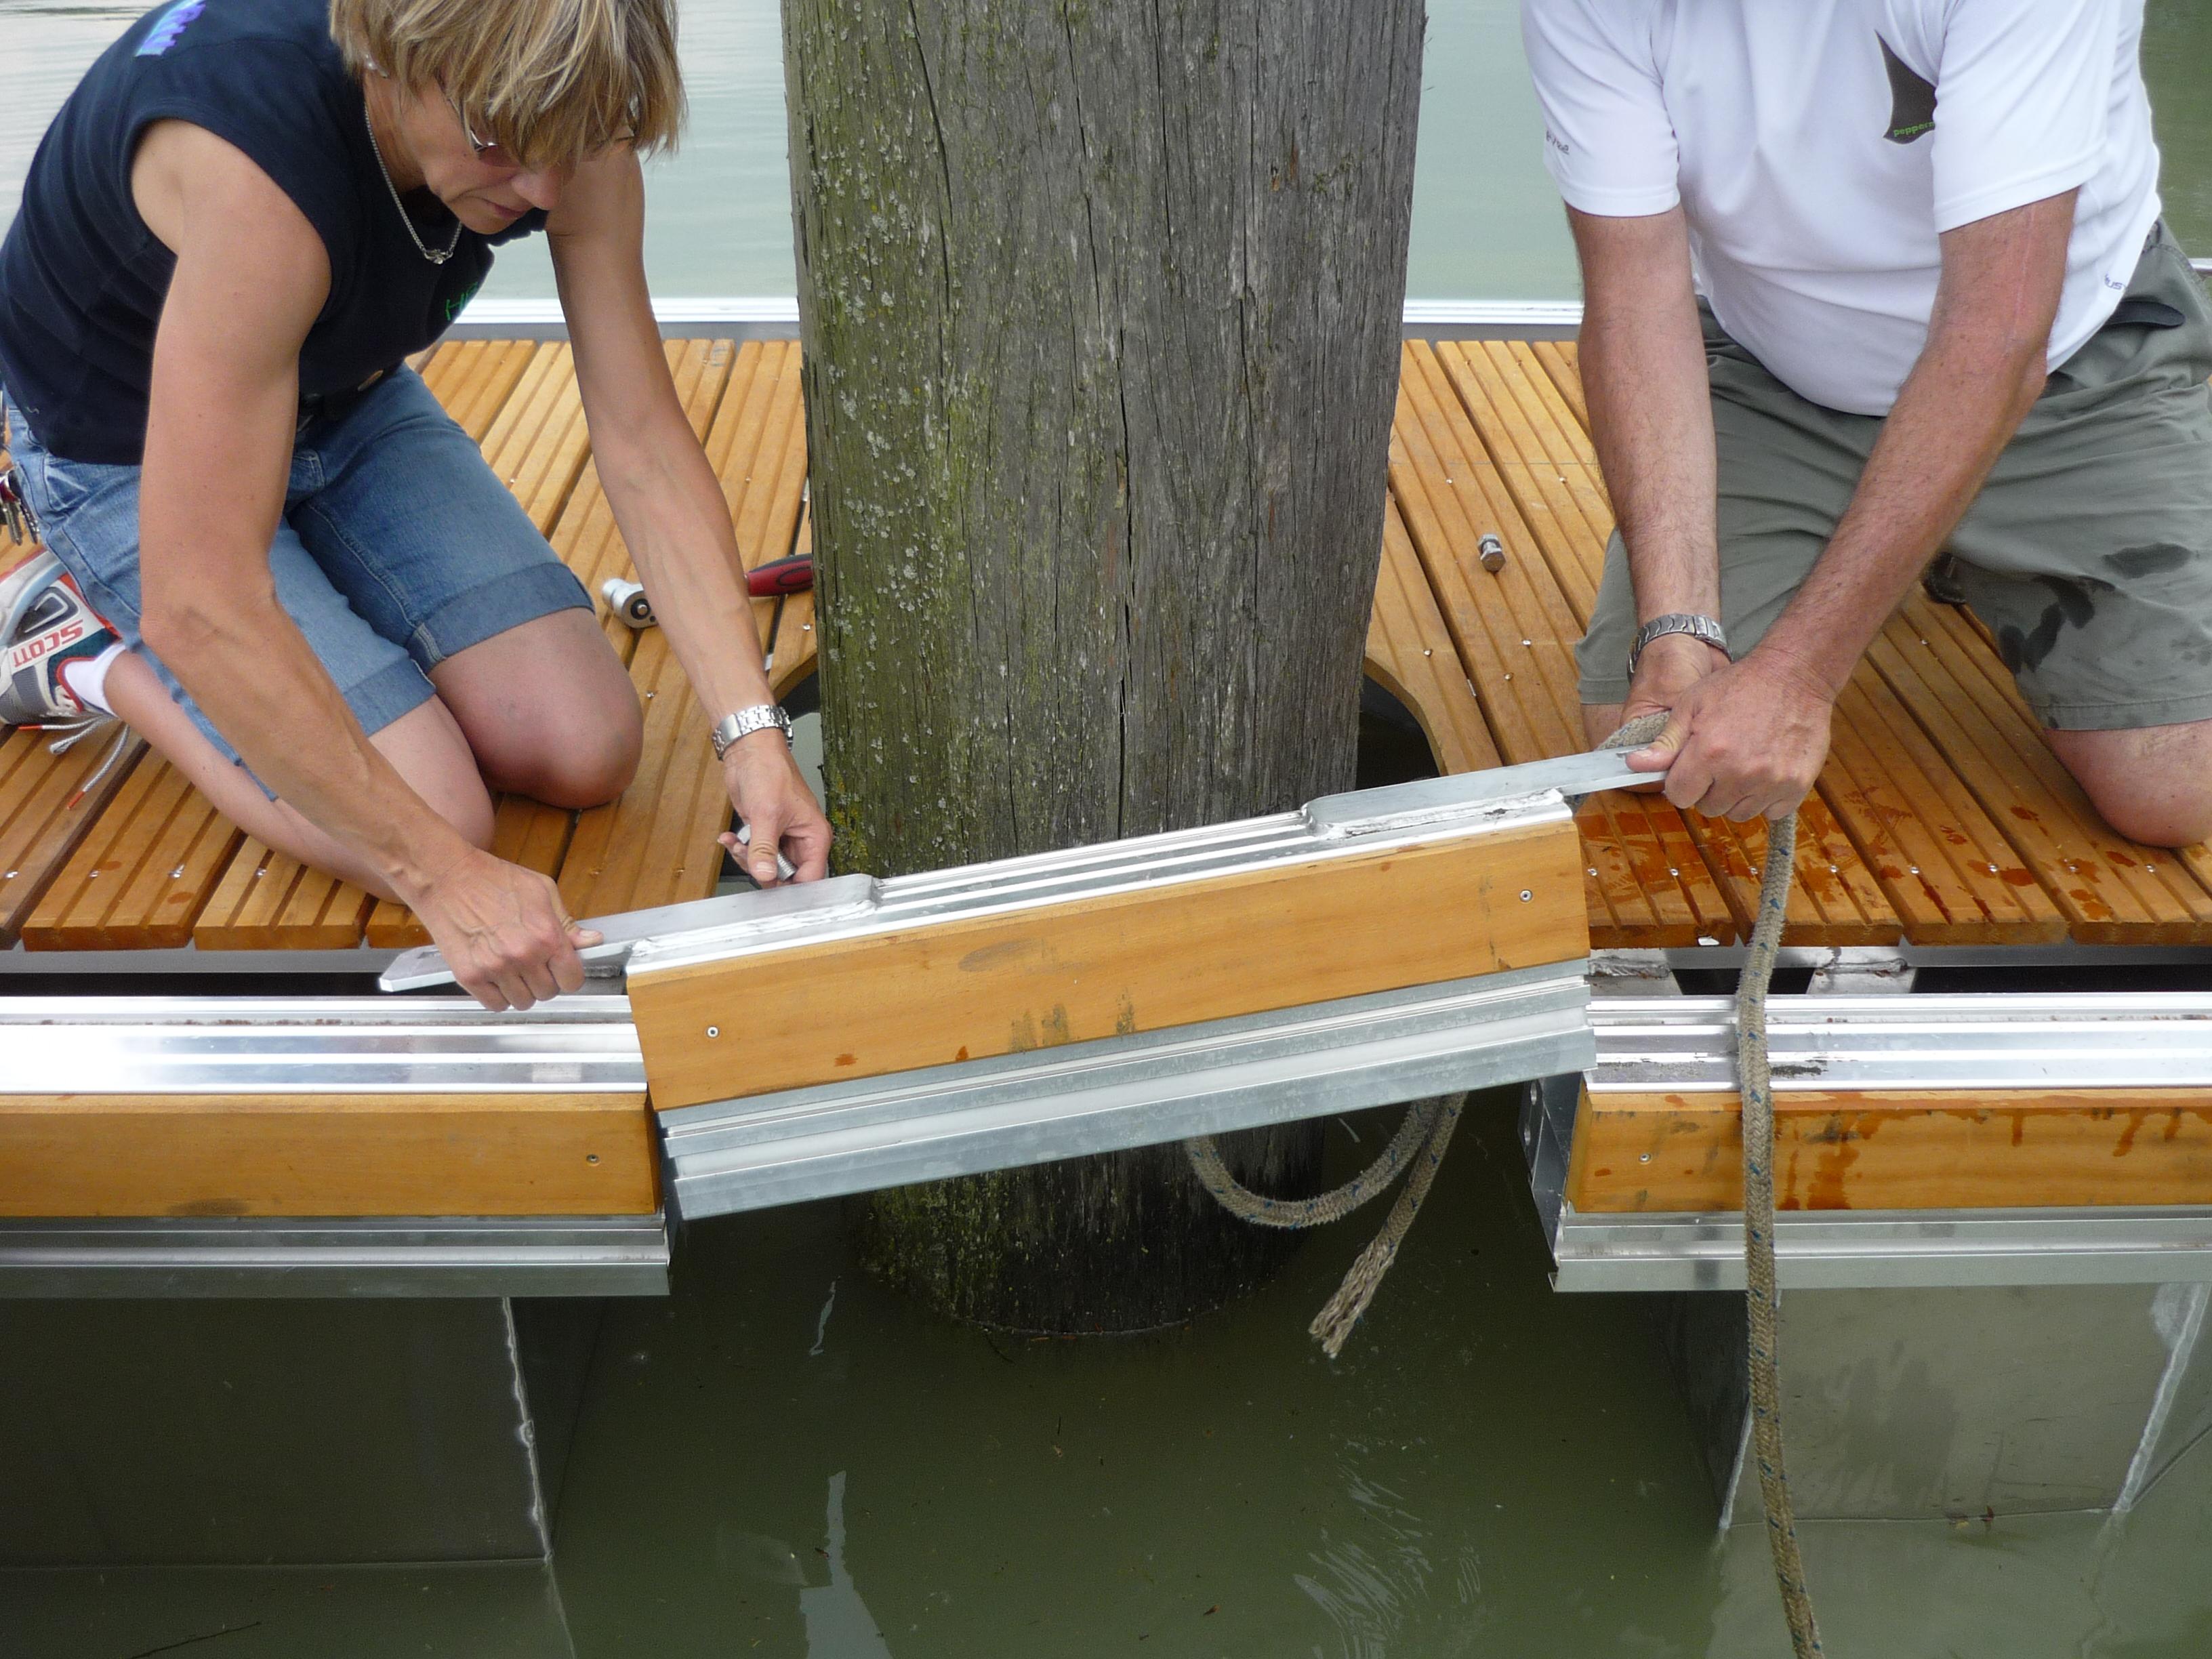 Drijvende steigers die duurzaam en stabiel zijn voor jachthavens